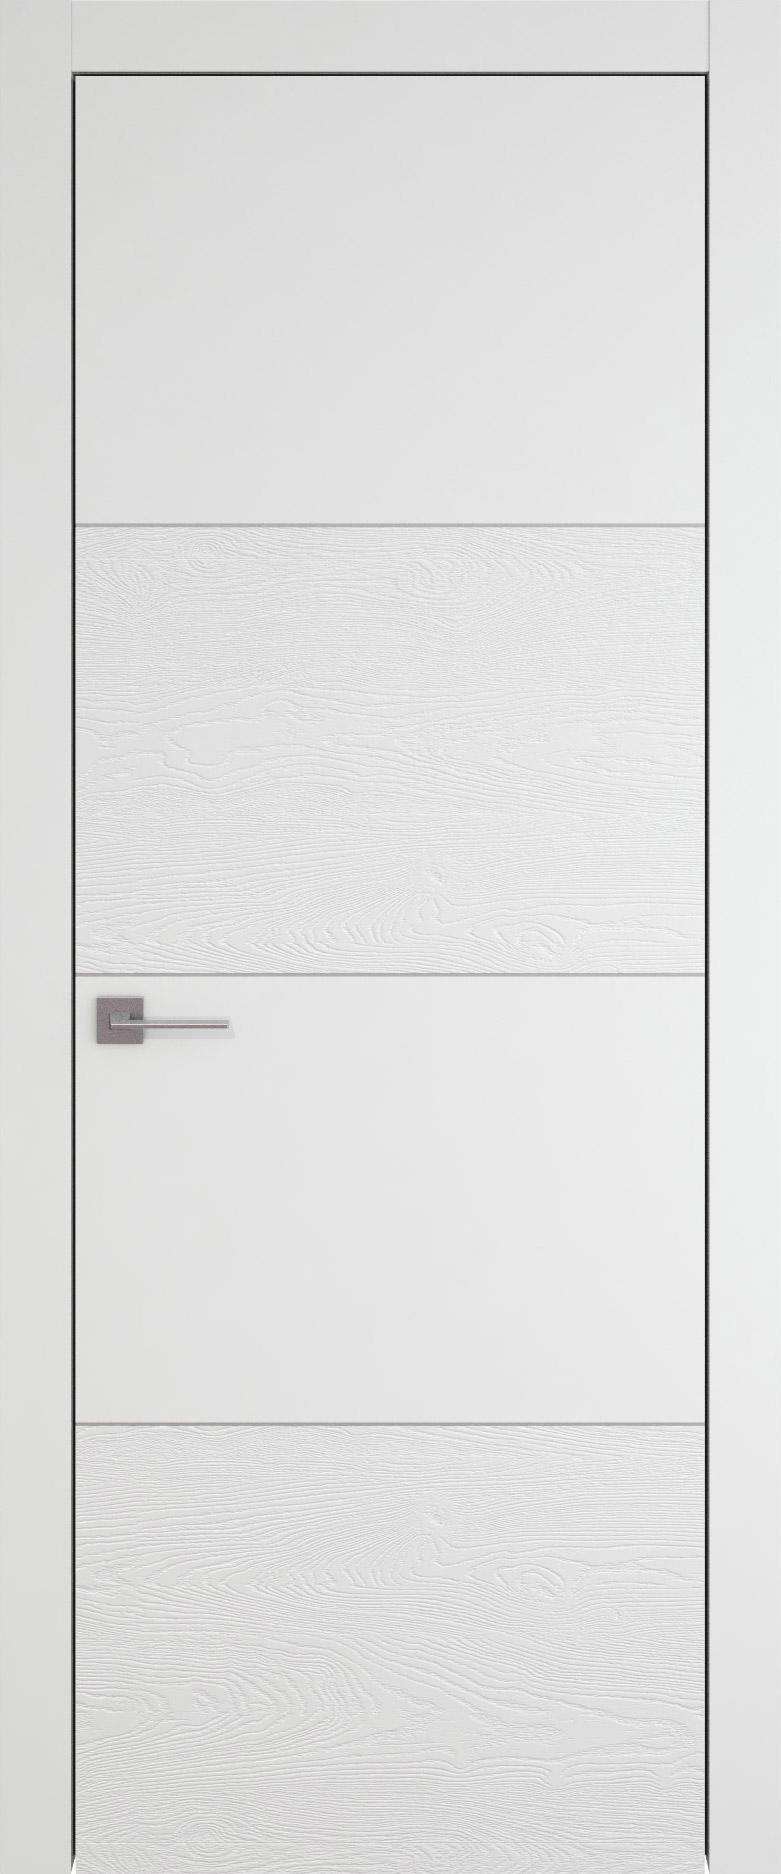 Tivoli Г-2 цвет - Белая эмаль-эмаль по шпону (RAL 9003) Без стекла (ДГ)